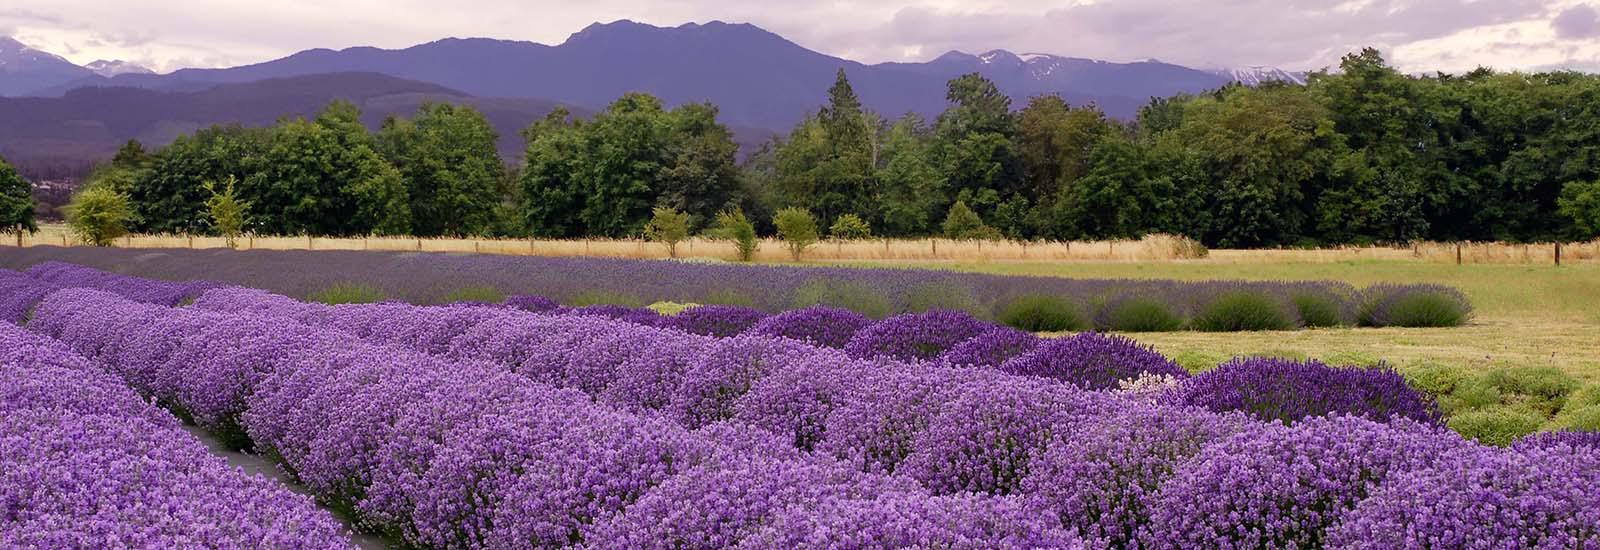 lavender farm and festival